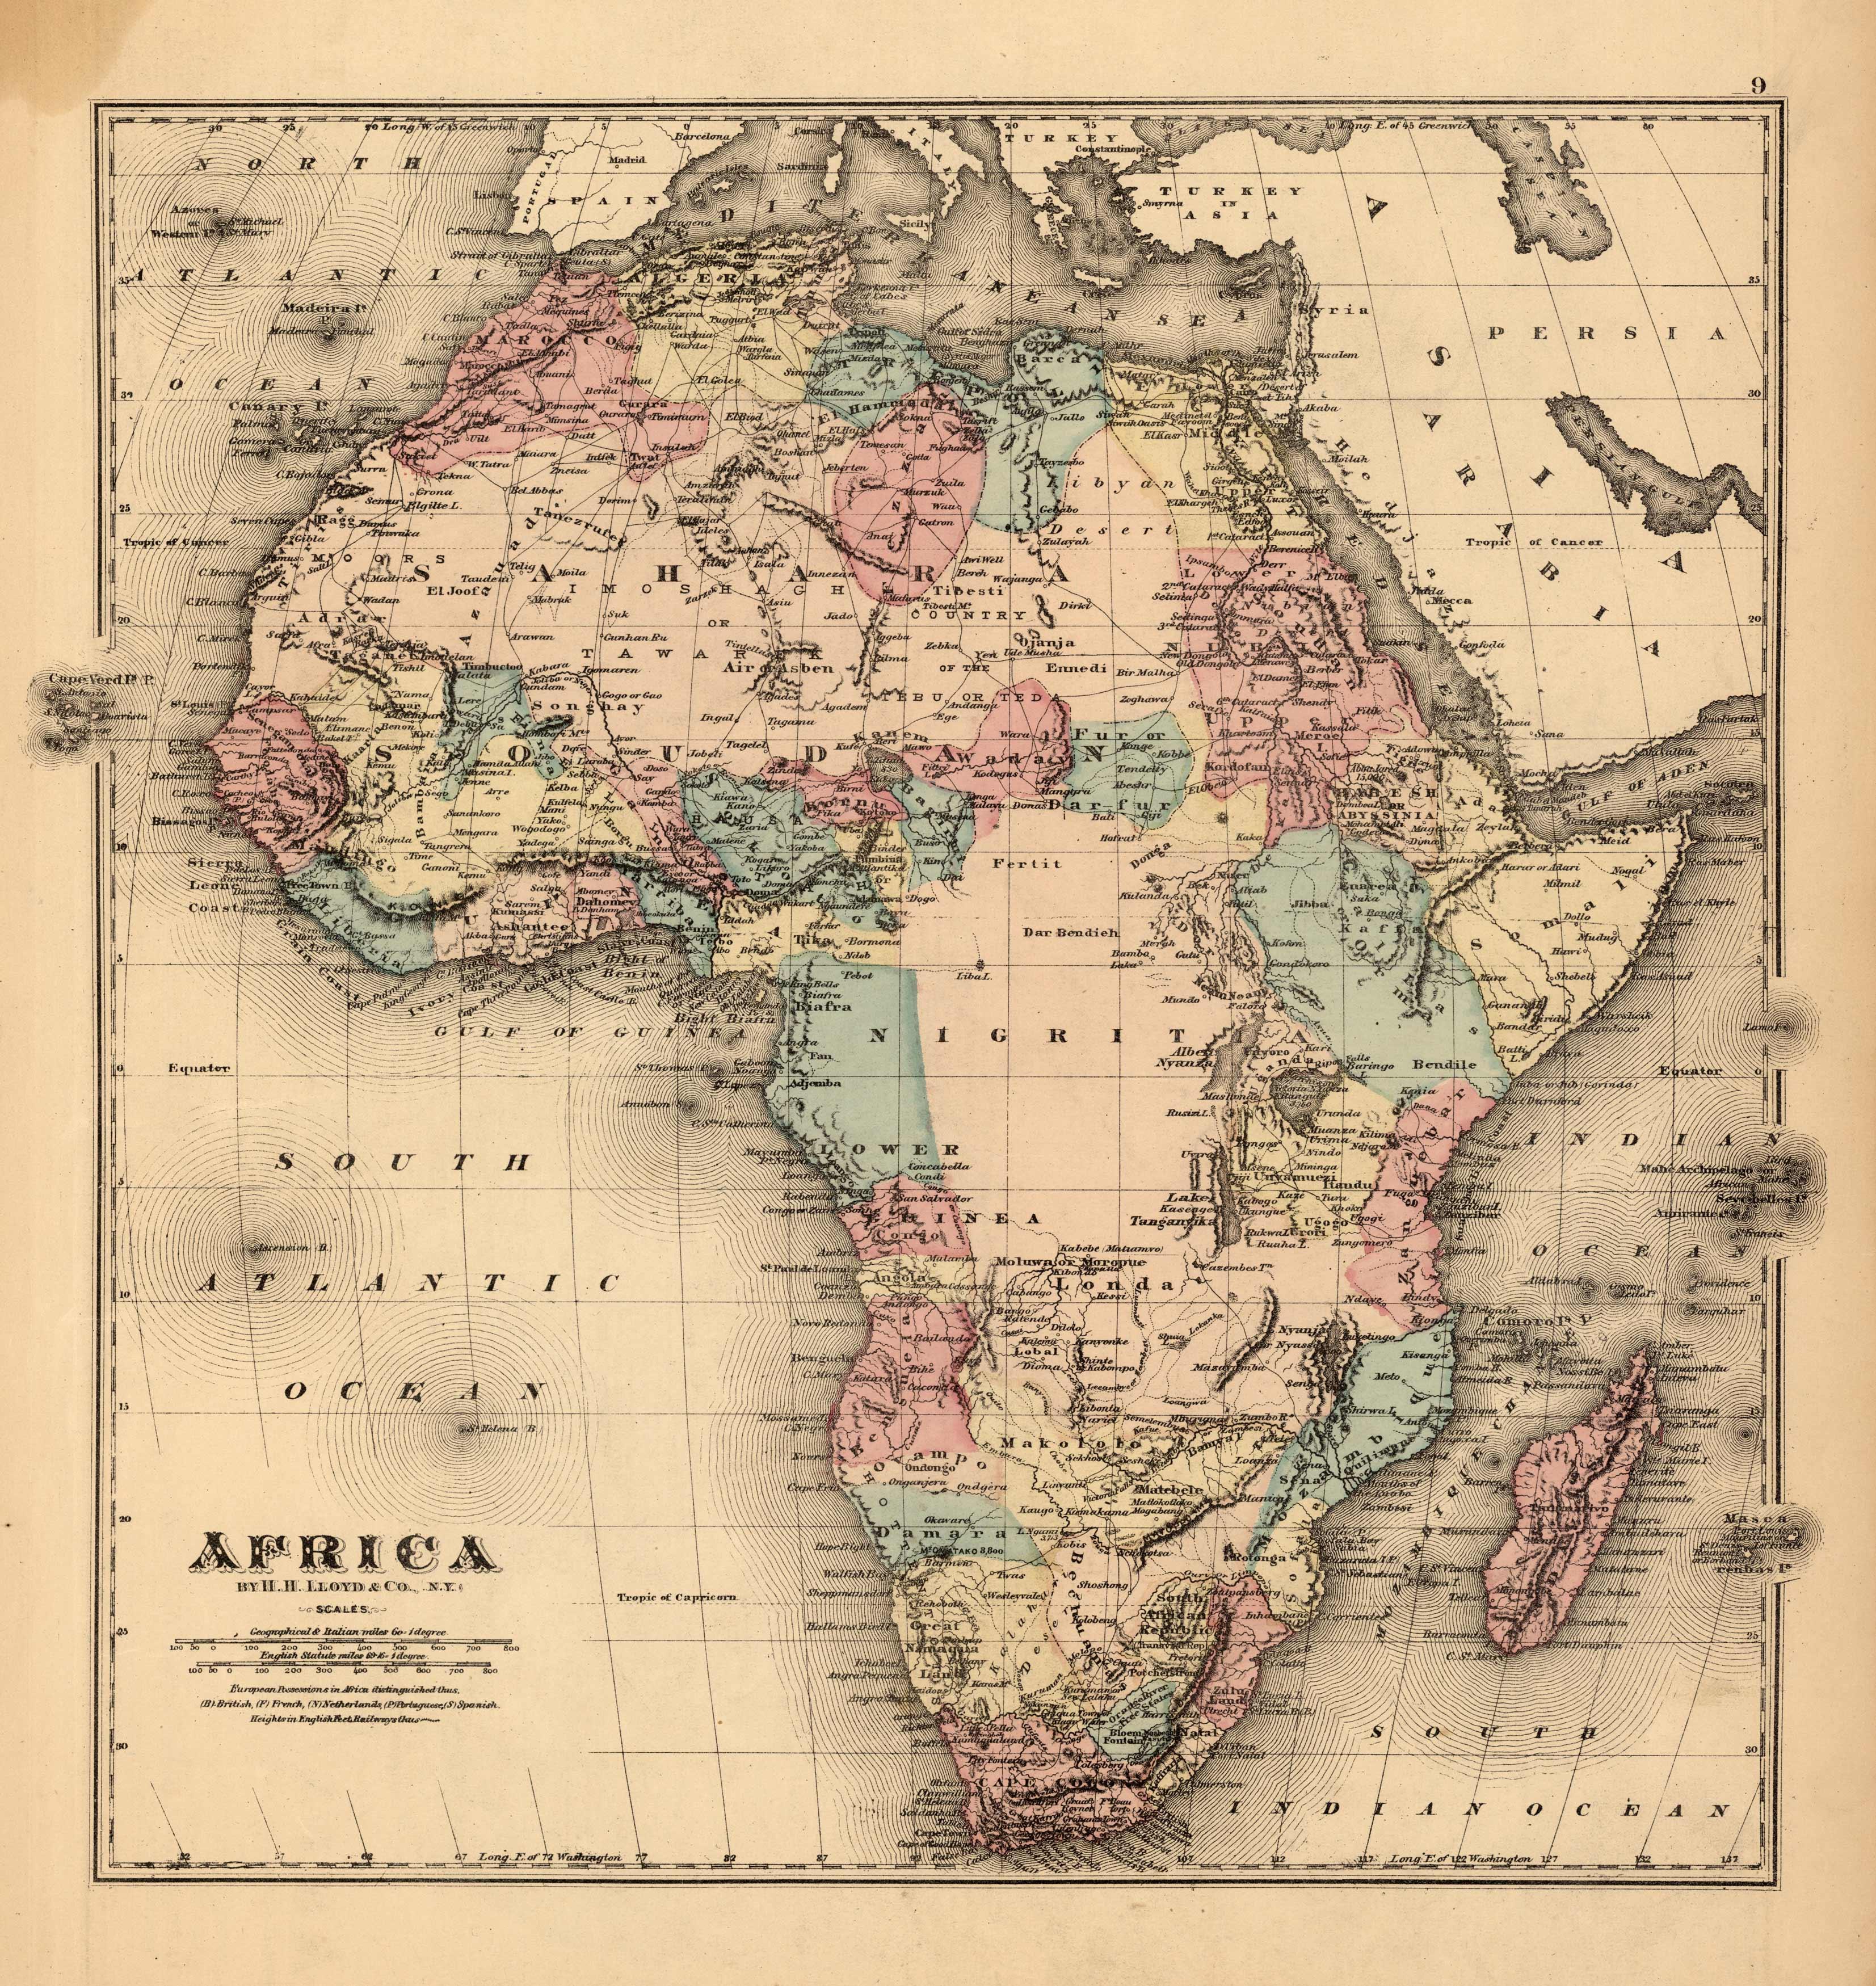 Africa by H.H. Lloyd & Co.